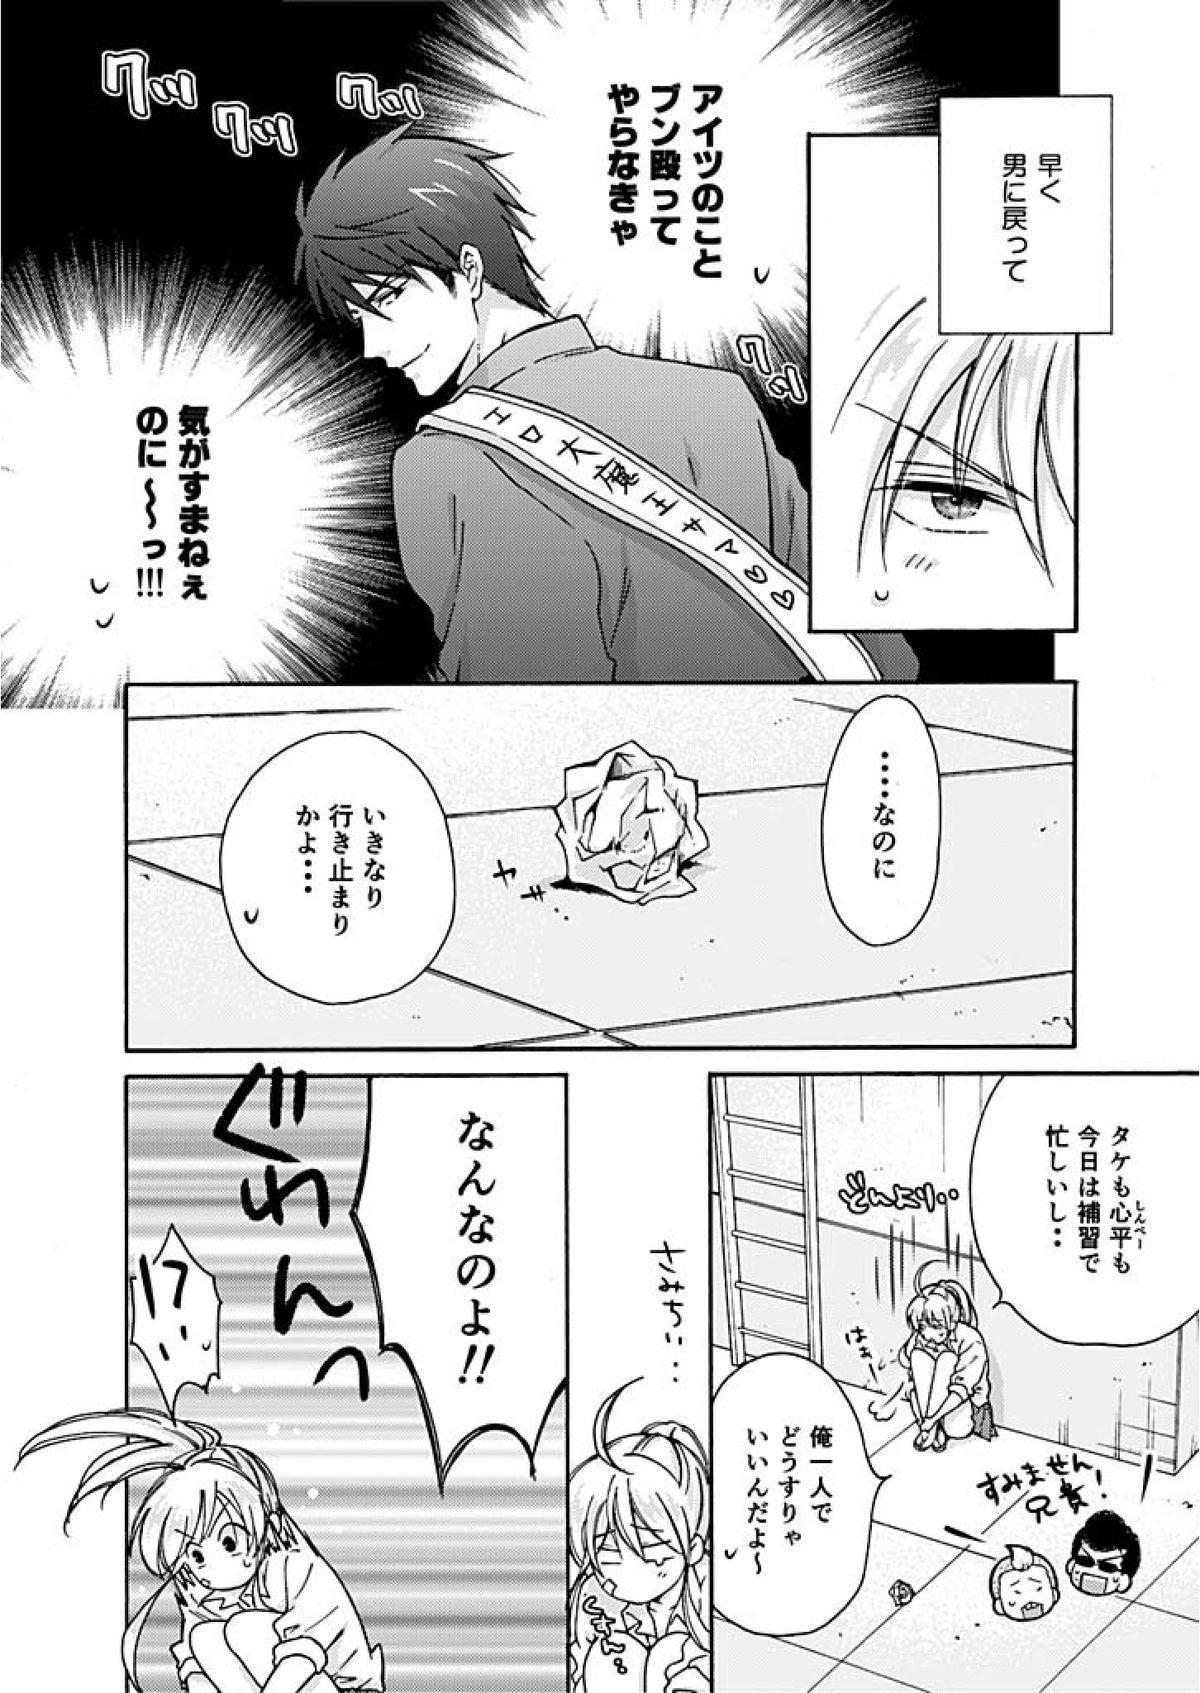 Nyotaika Yankee Gakuen ☆ Ore no Hajimete, Nerawaretemasu. 3 2